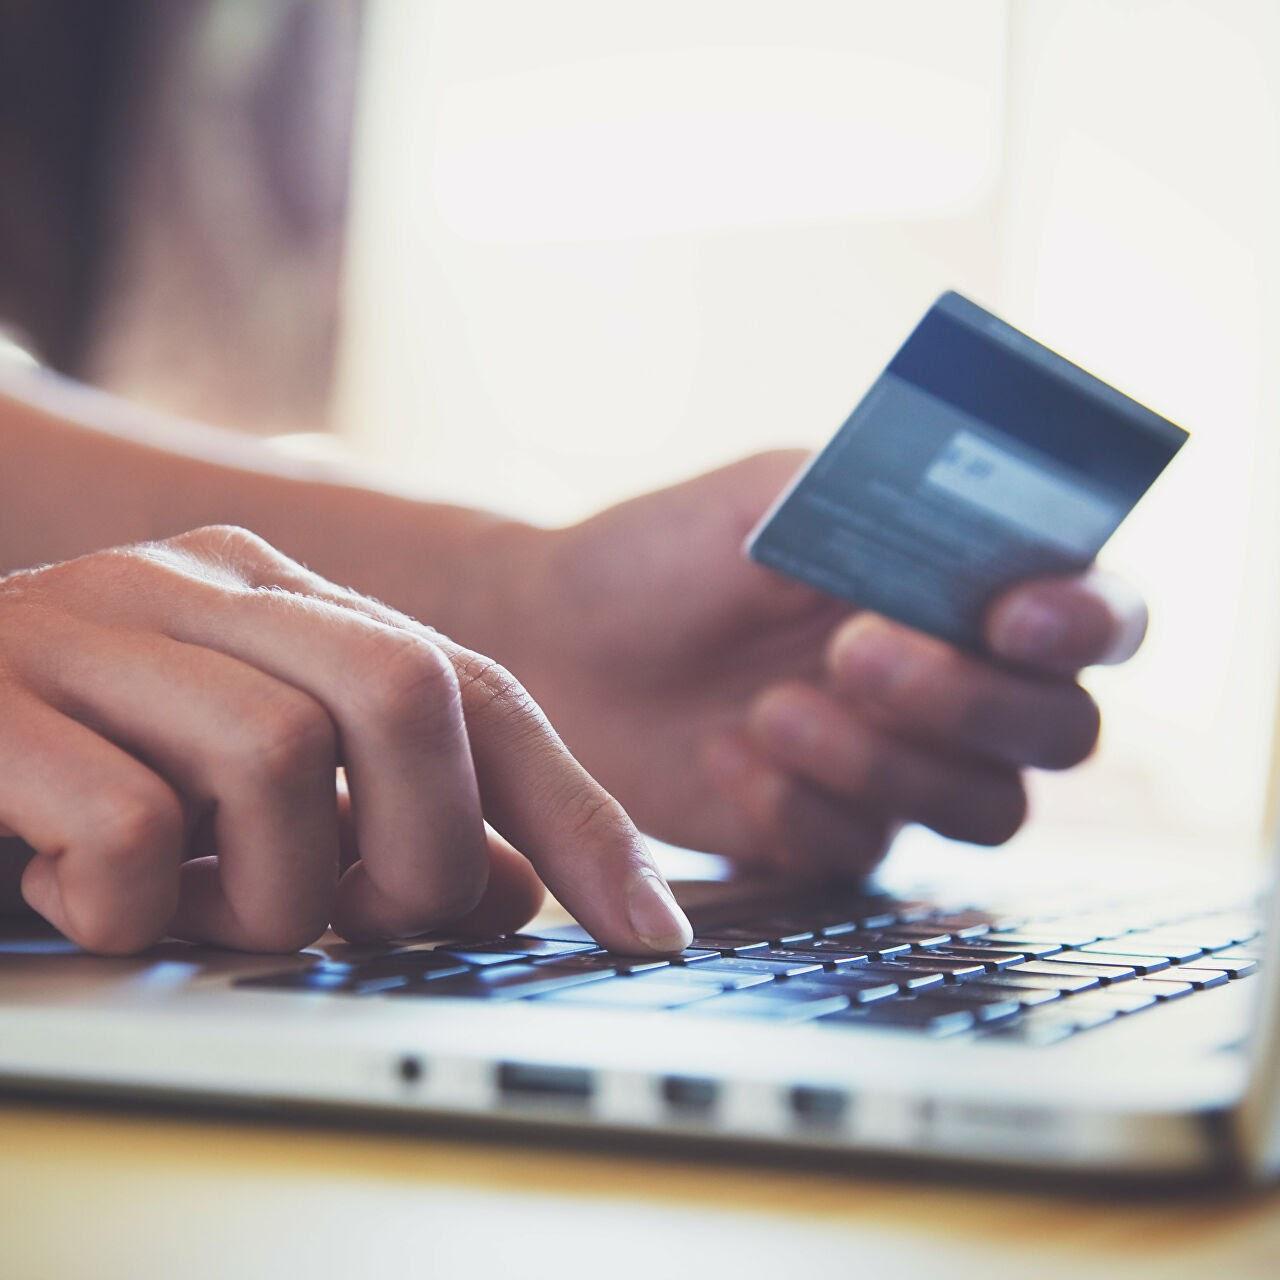 Не работает бесконтактная оплата картой Сбербанка: причины, решение